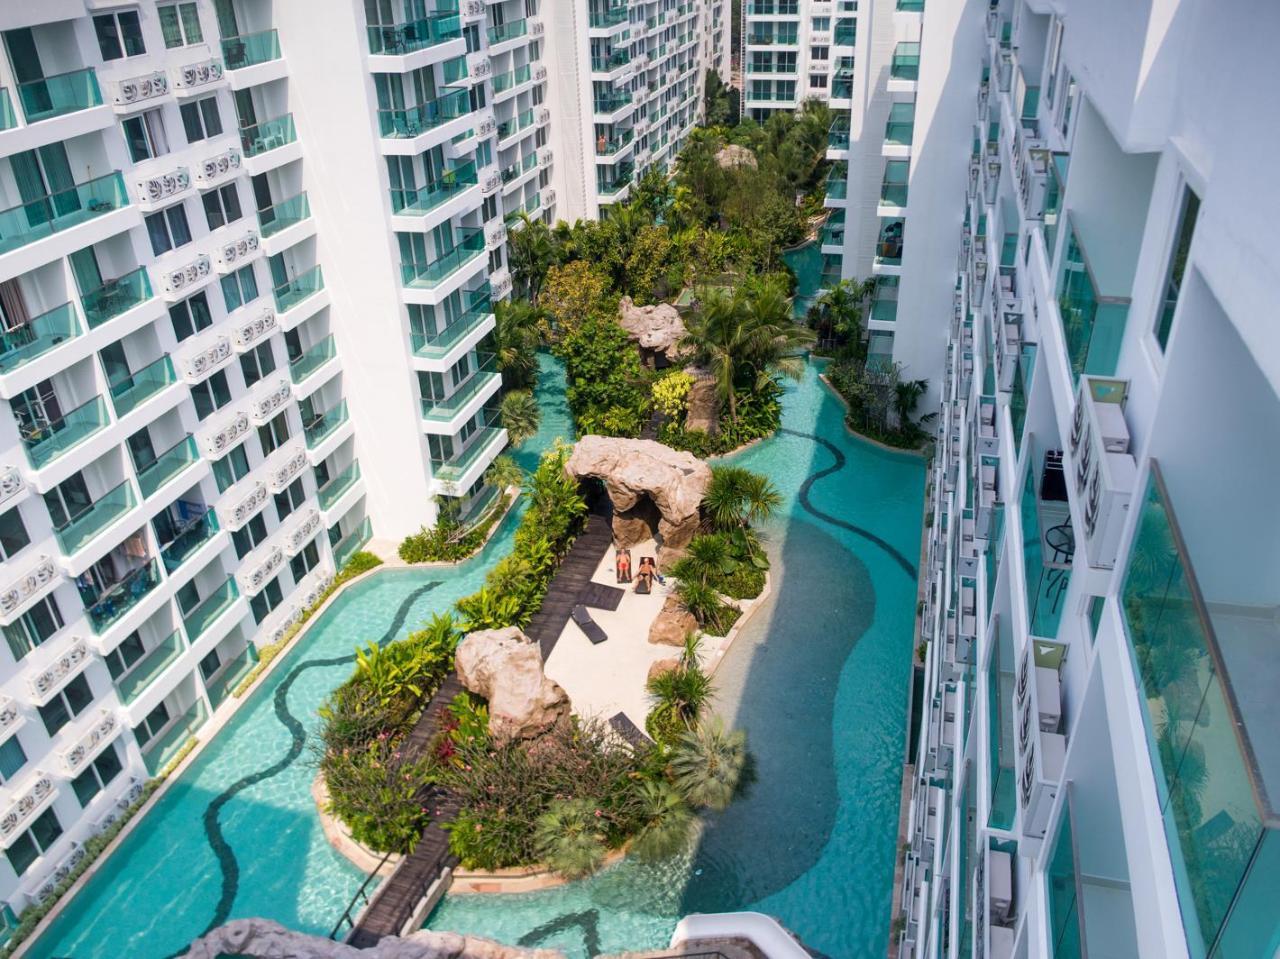 น้ำทะเล by บัทเตอร์ (Amazon Residence Condominium By Mr.Bulter)